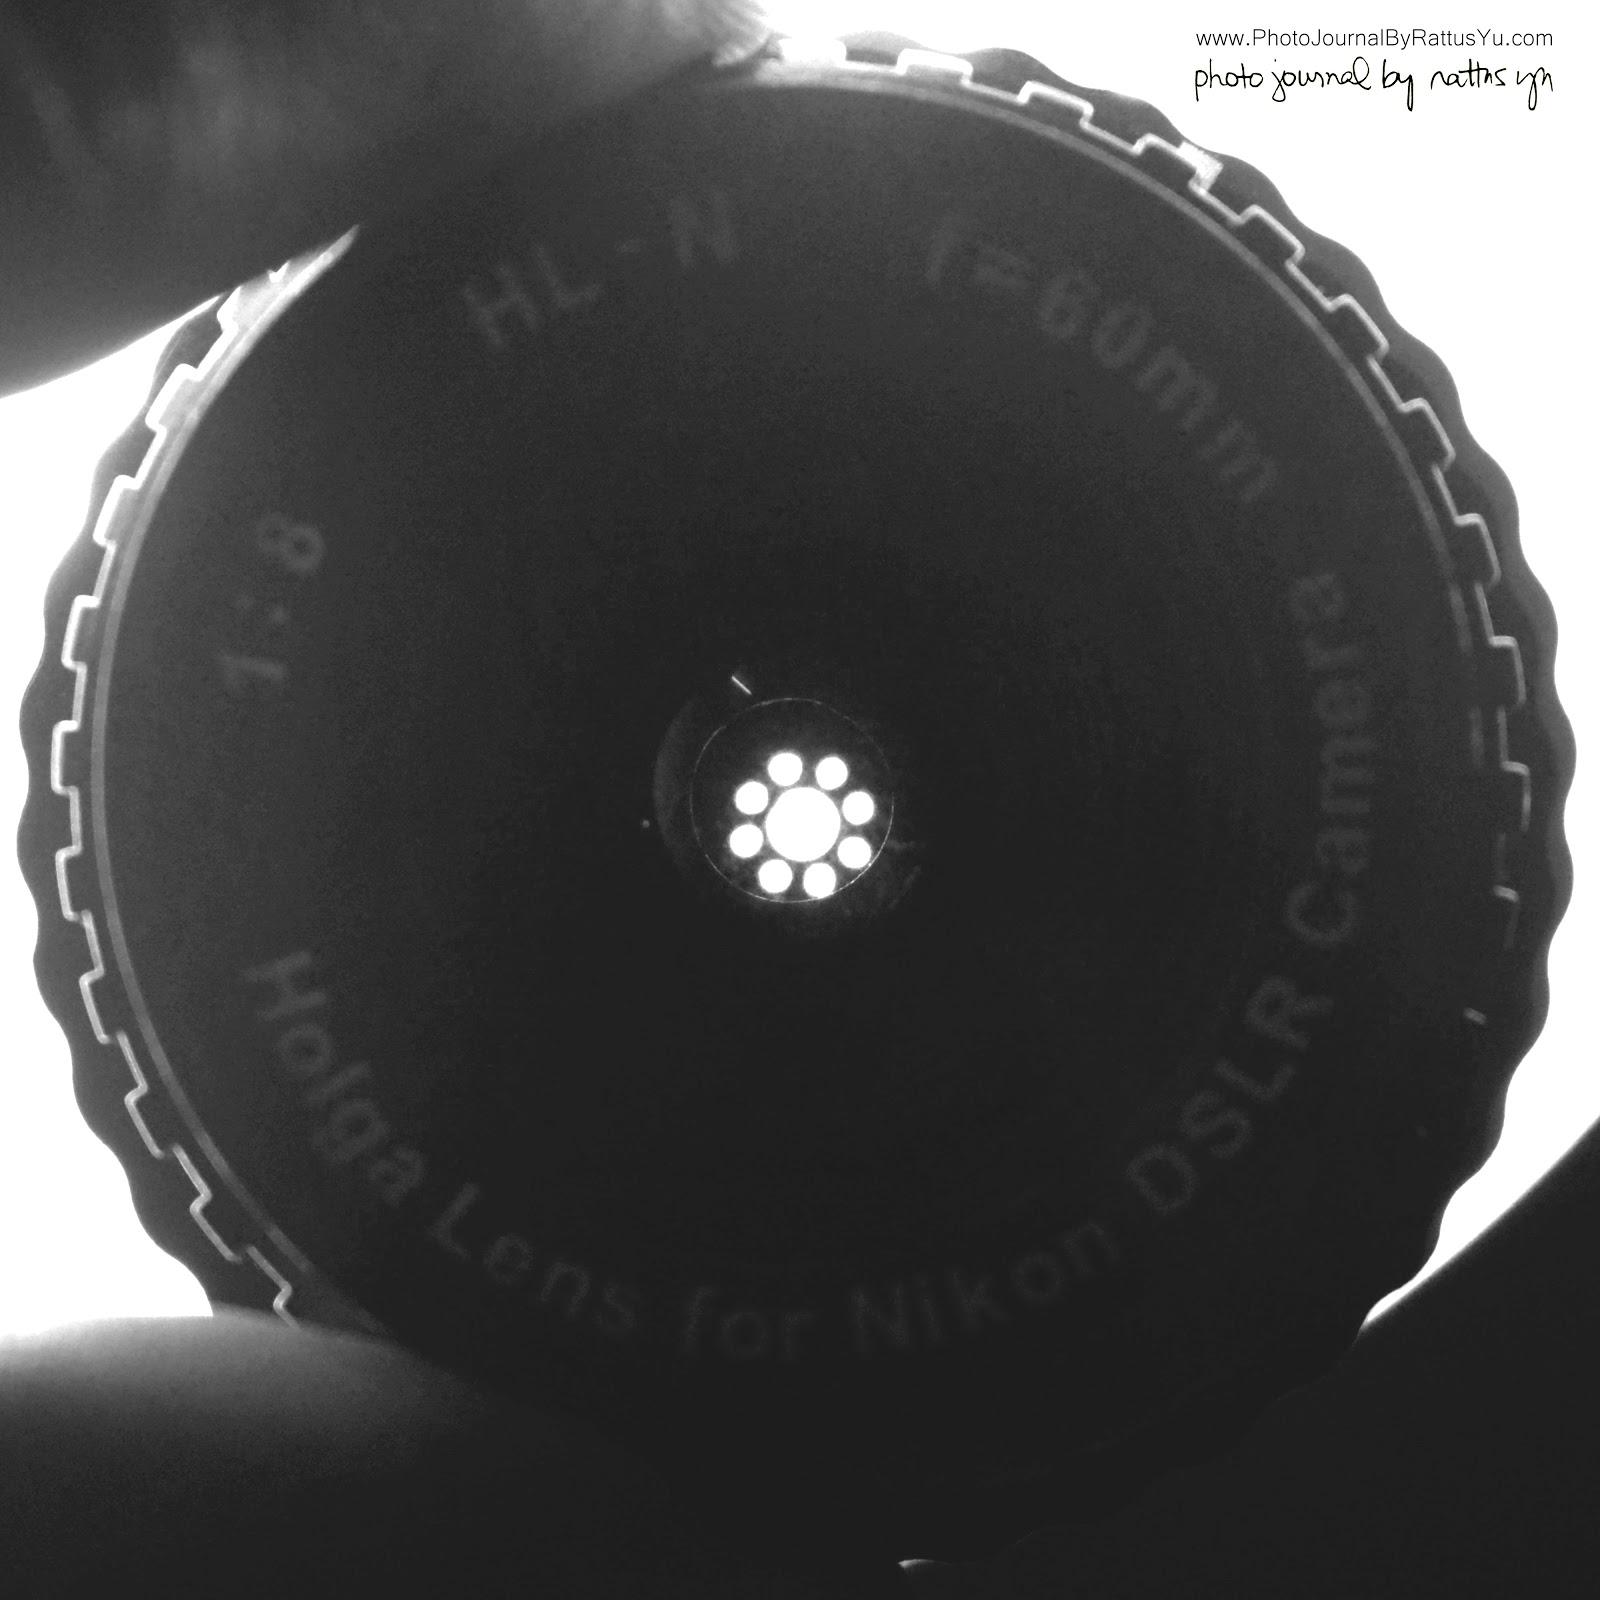 Holga HL-N 60mm f/8 Lens Hack